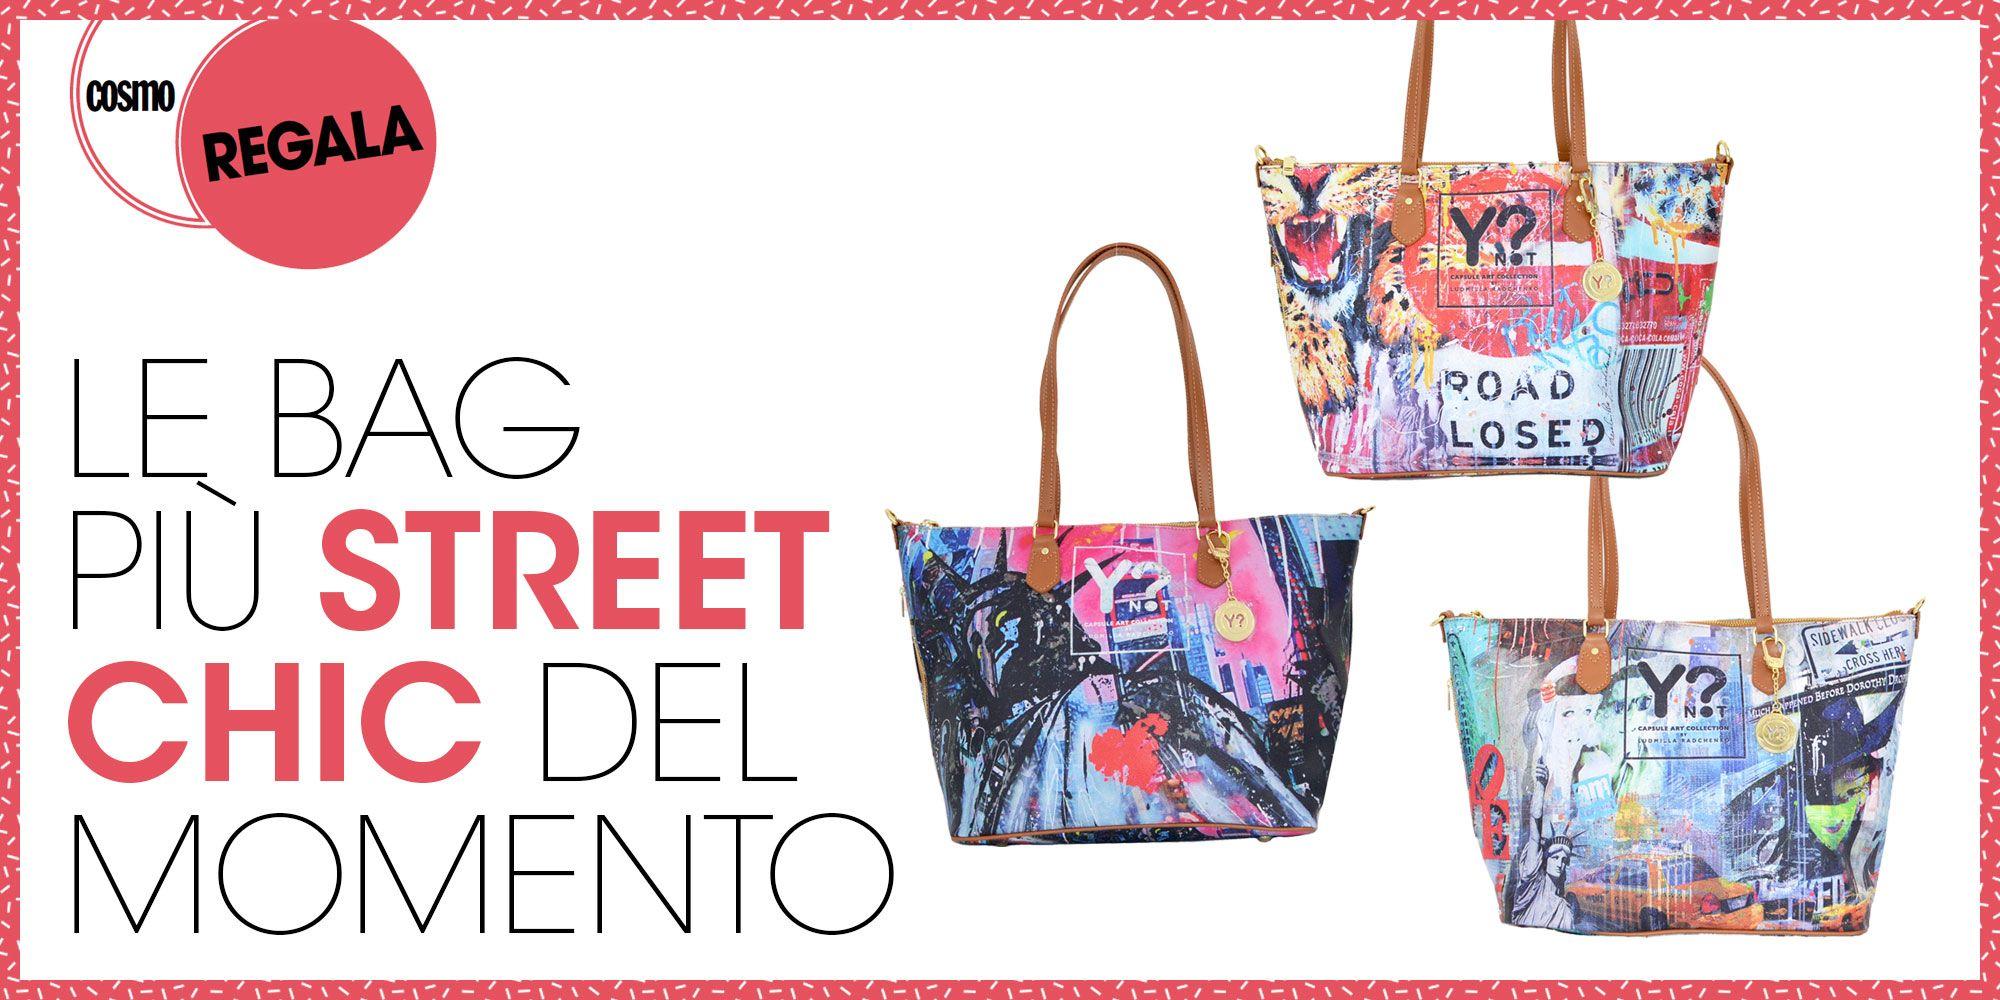 Cosmo regala Le bag più street chic del momento